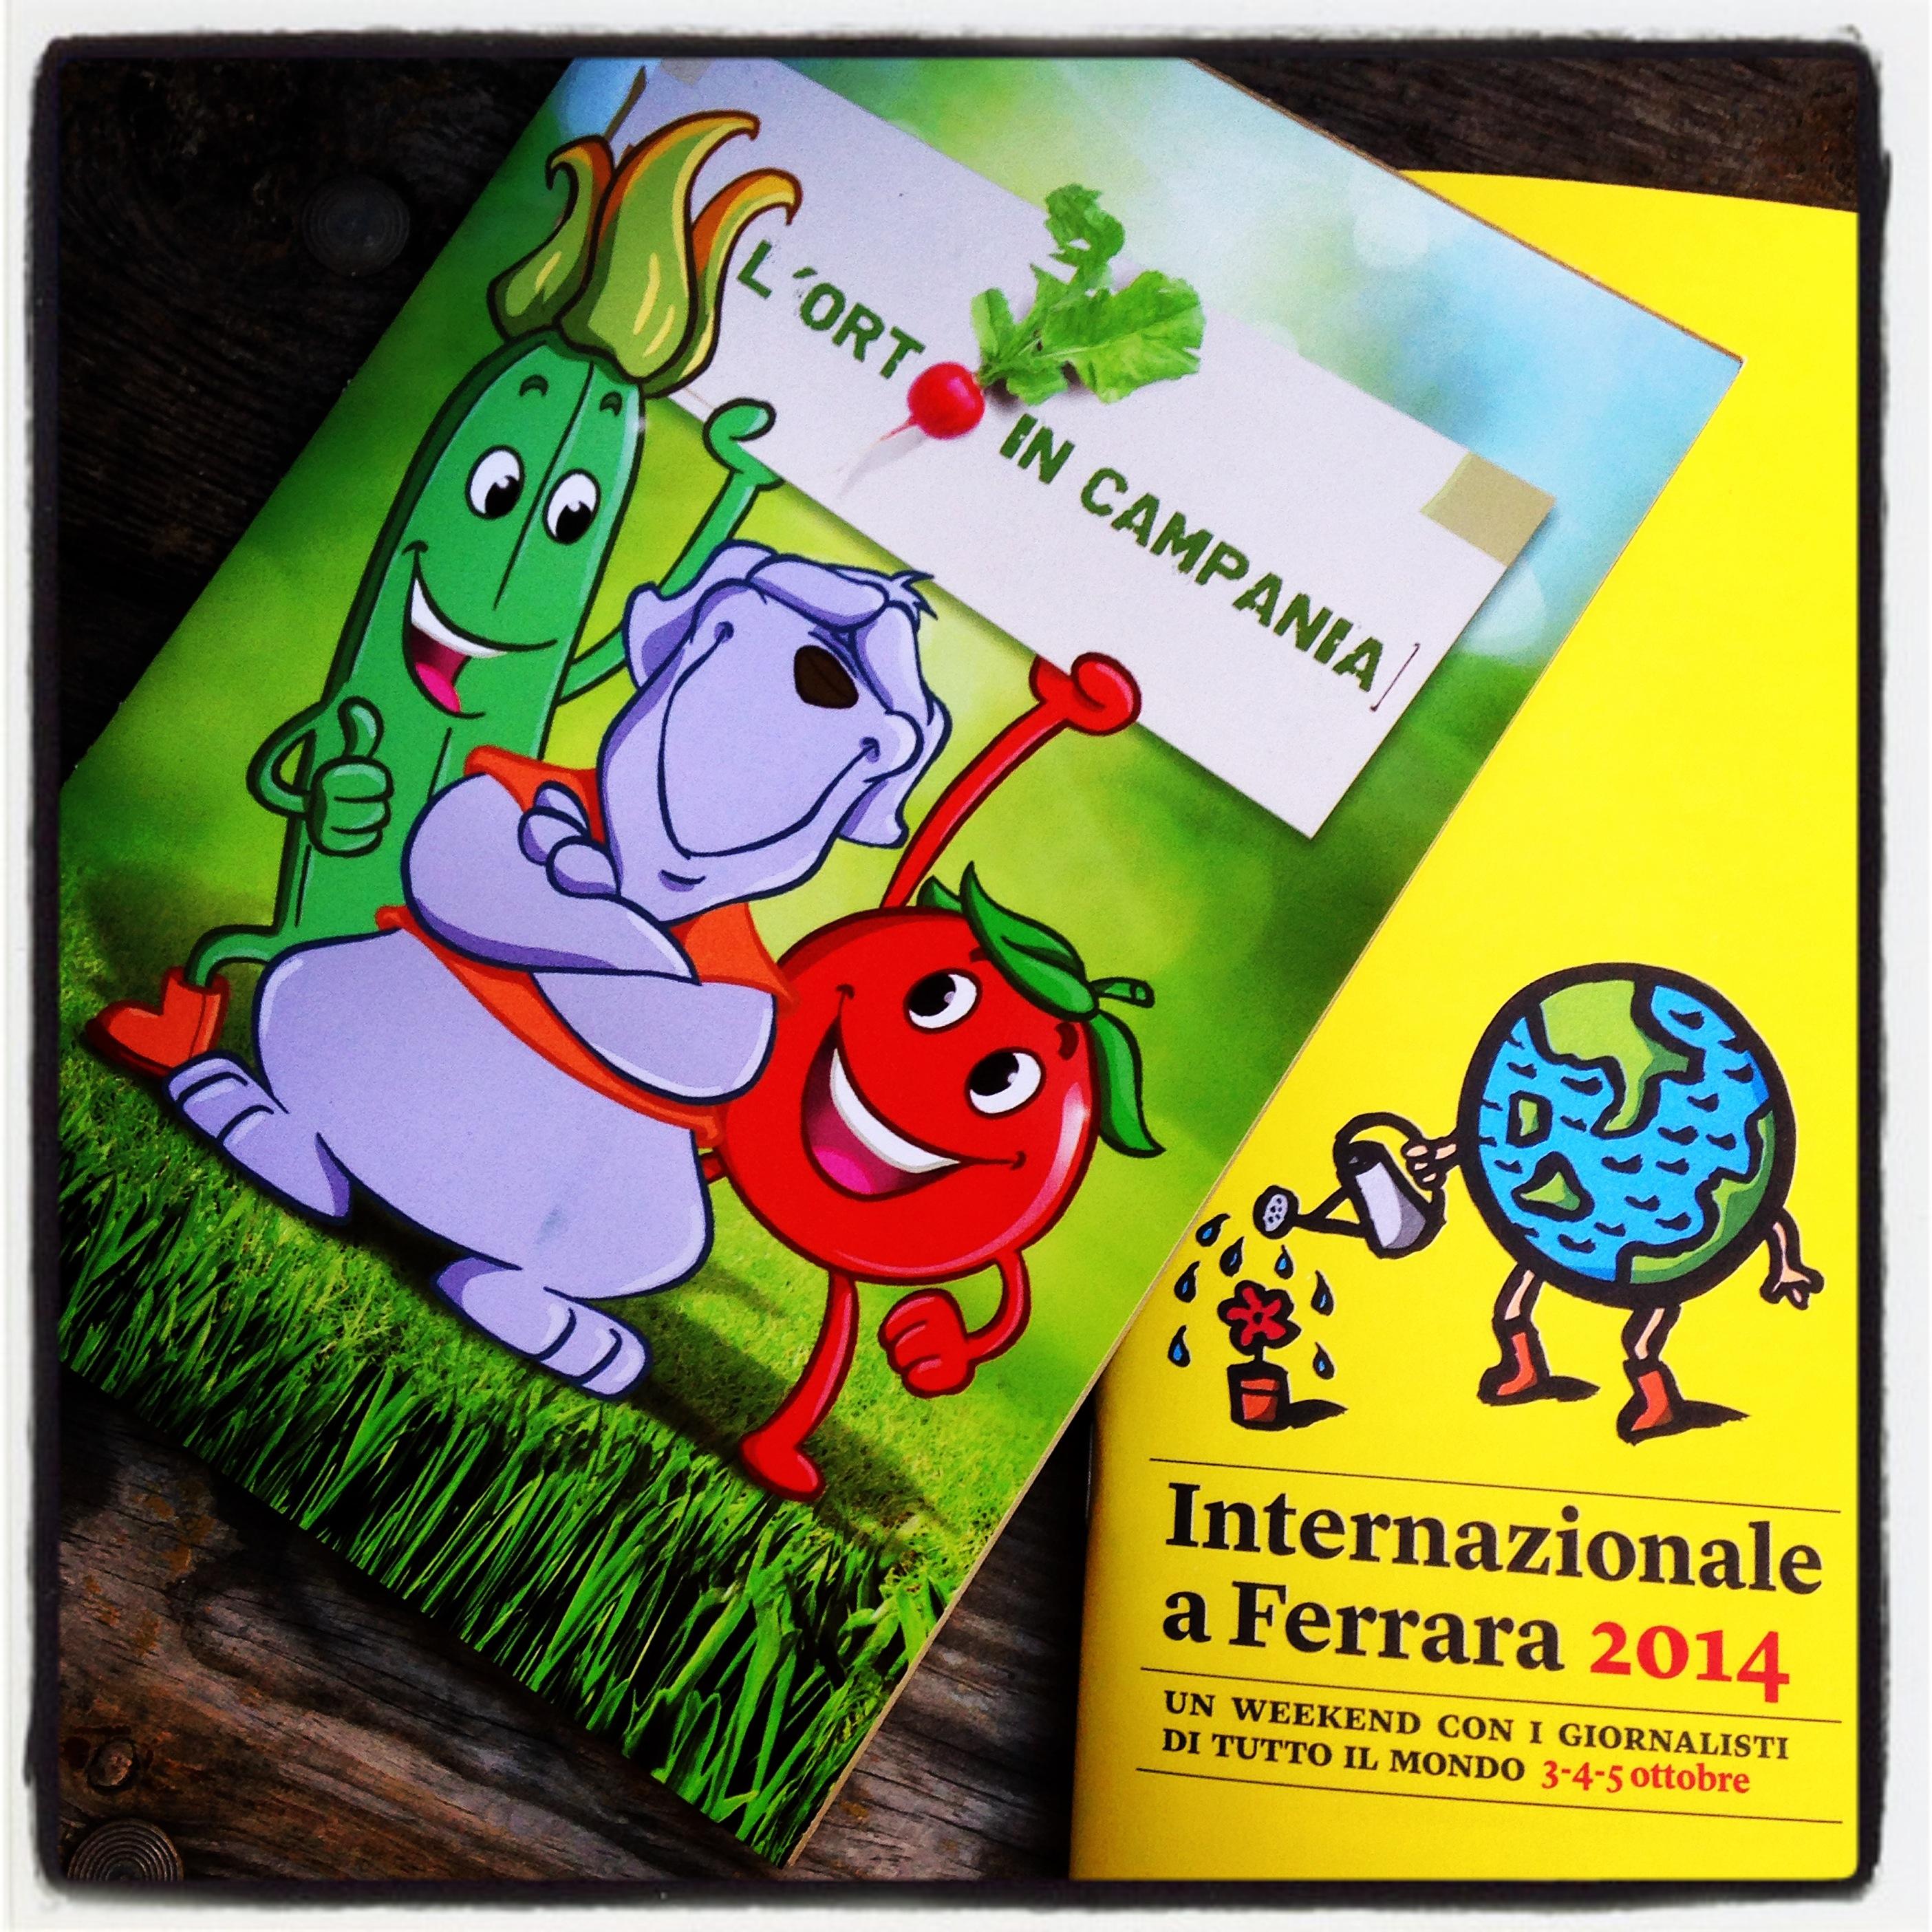 L'Orto in Campania a Internazionale